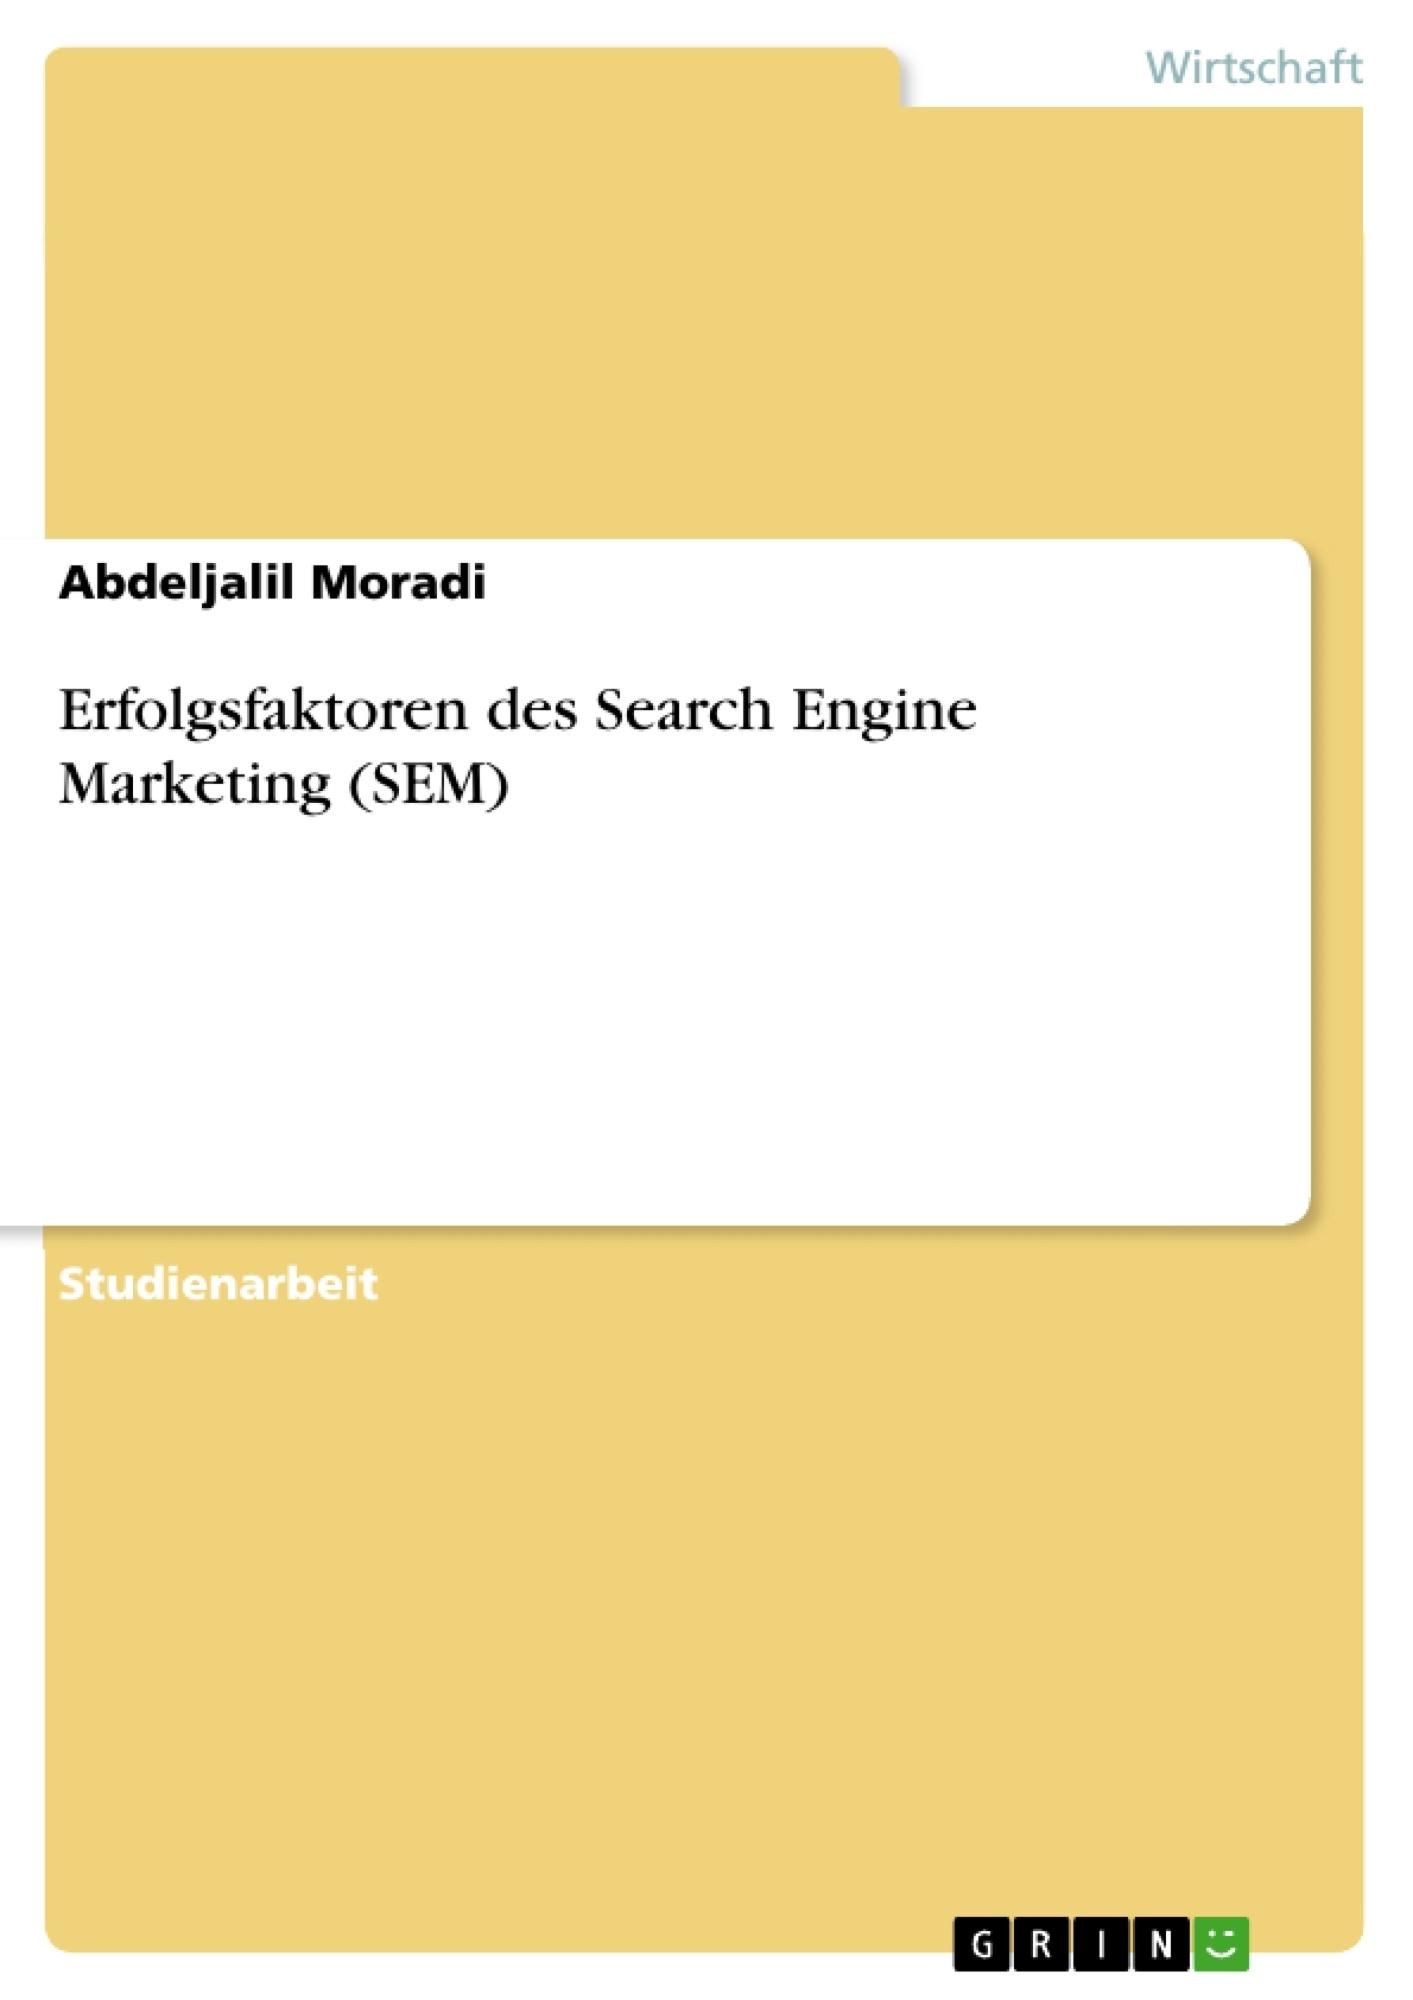 Titel: Erfolgsfaktoren des Search Engine Marketing (SEM)